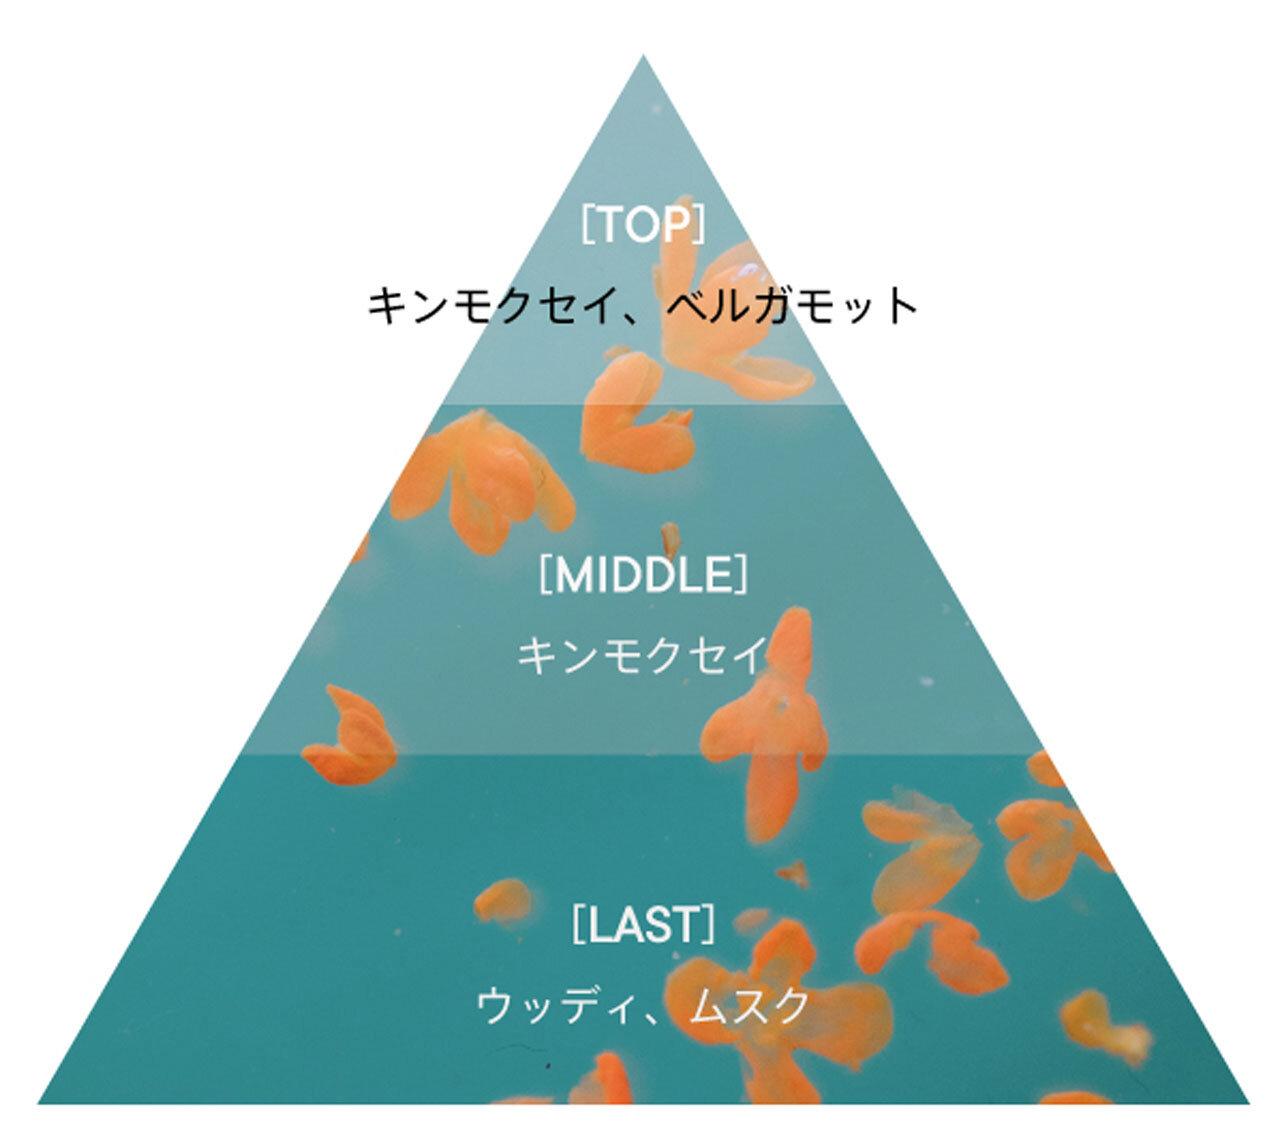 フレグランスチャート SHIRO(シロ)キンモクセイ